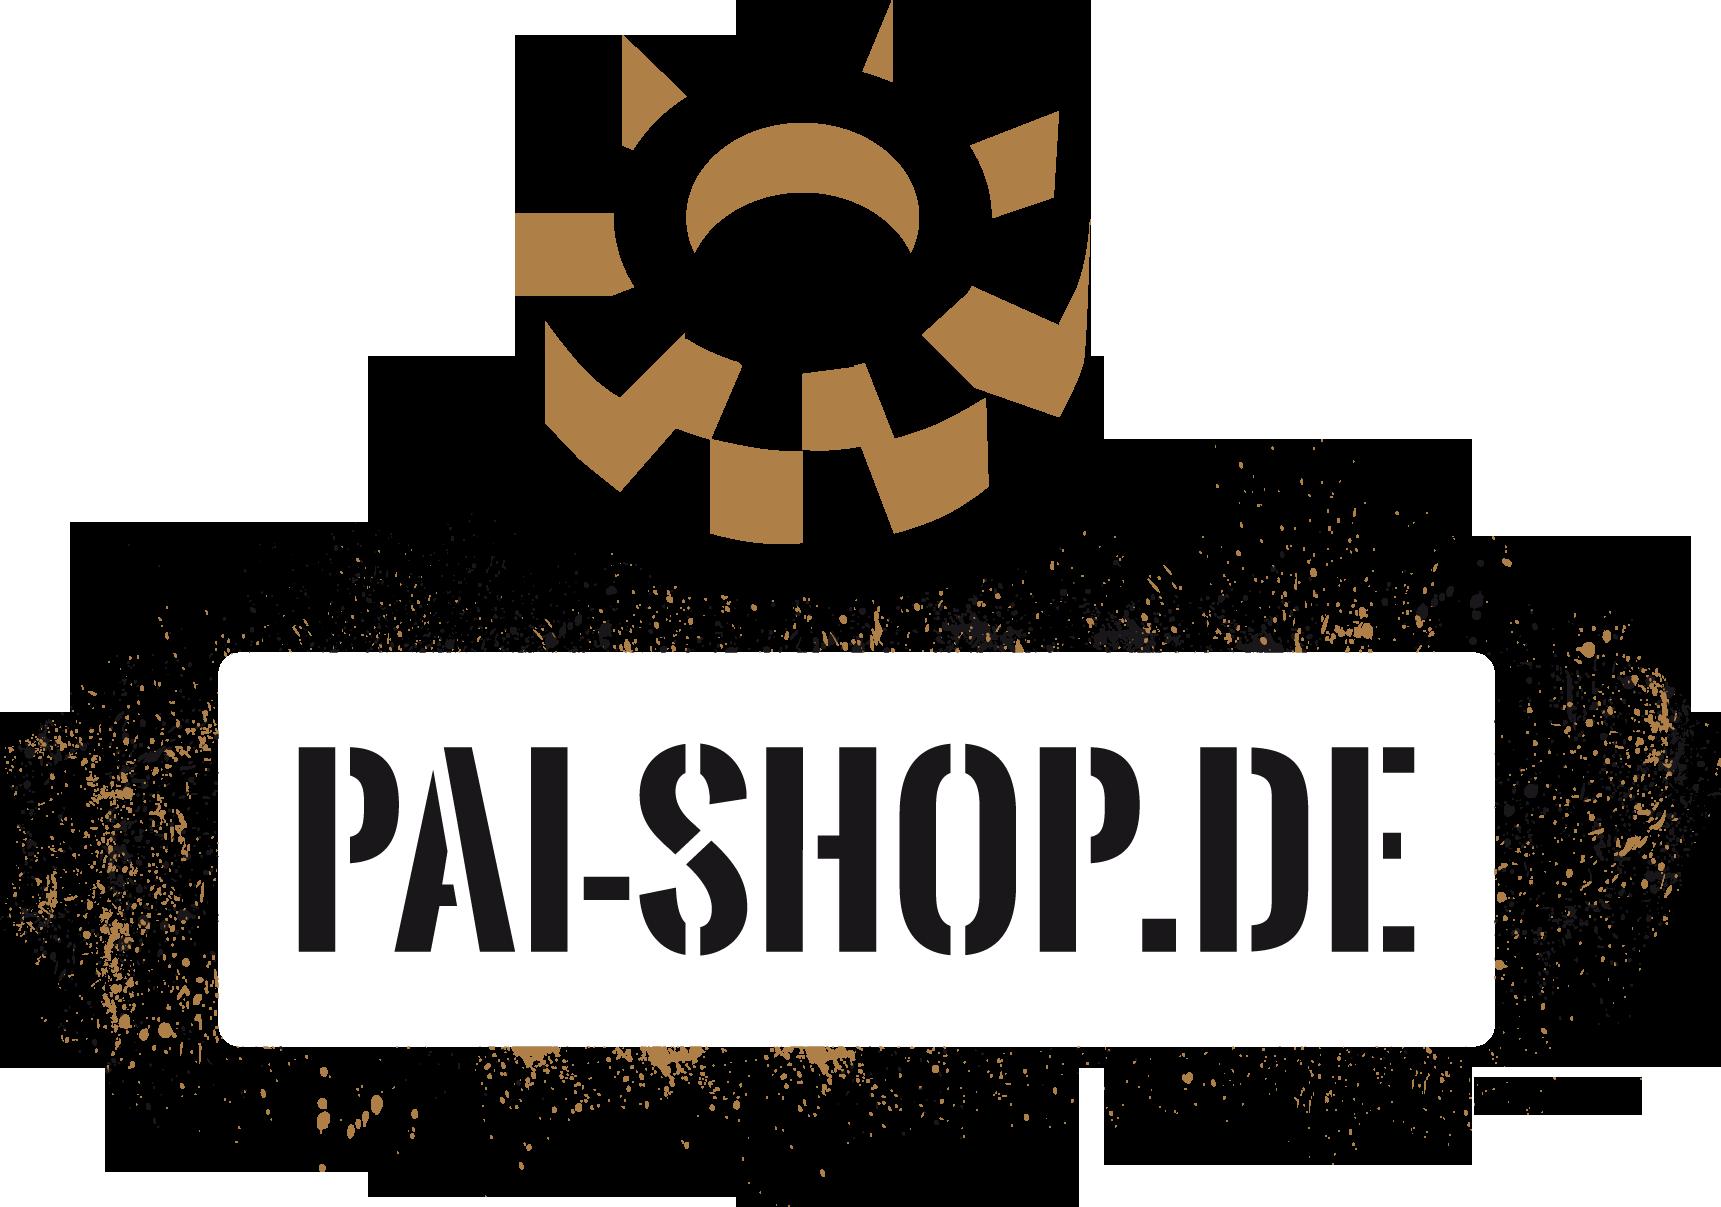 PEI-shop.de